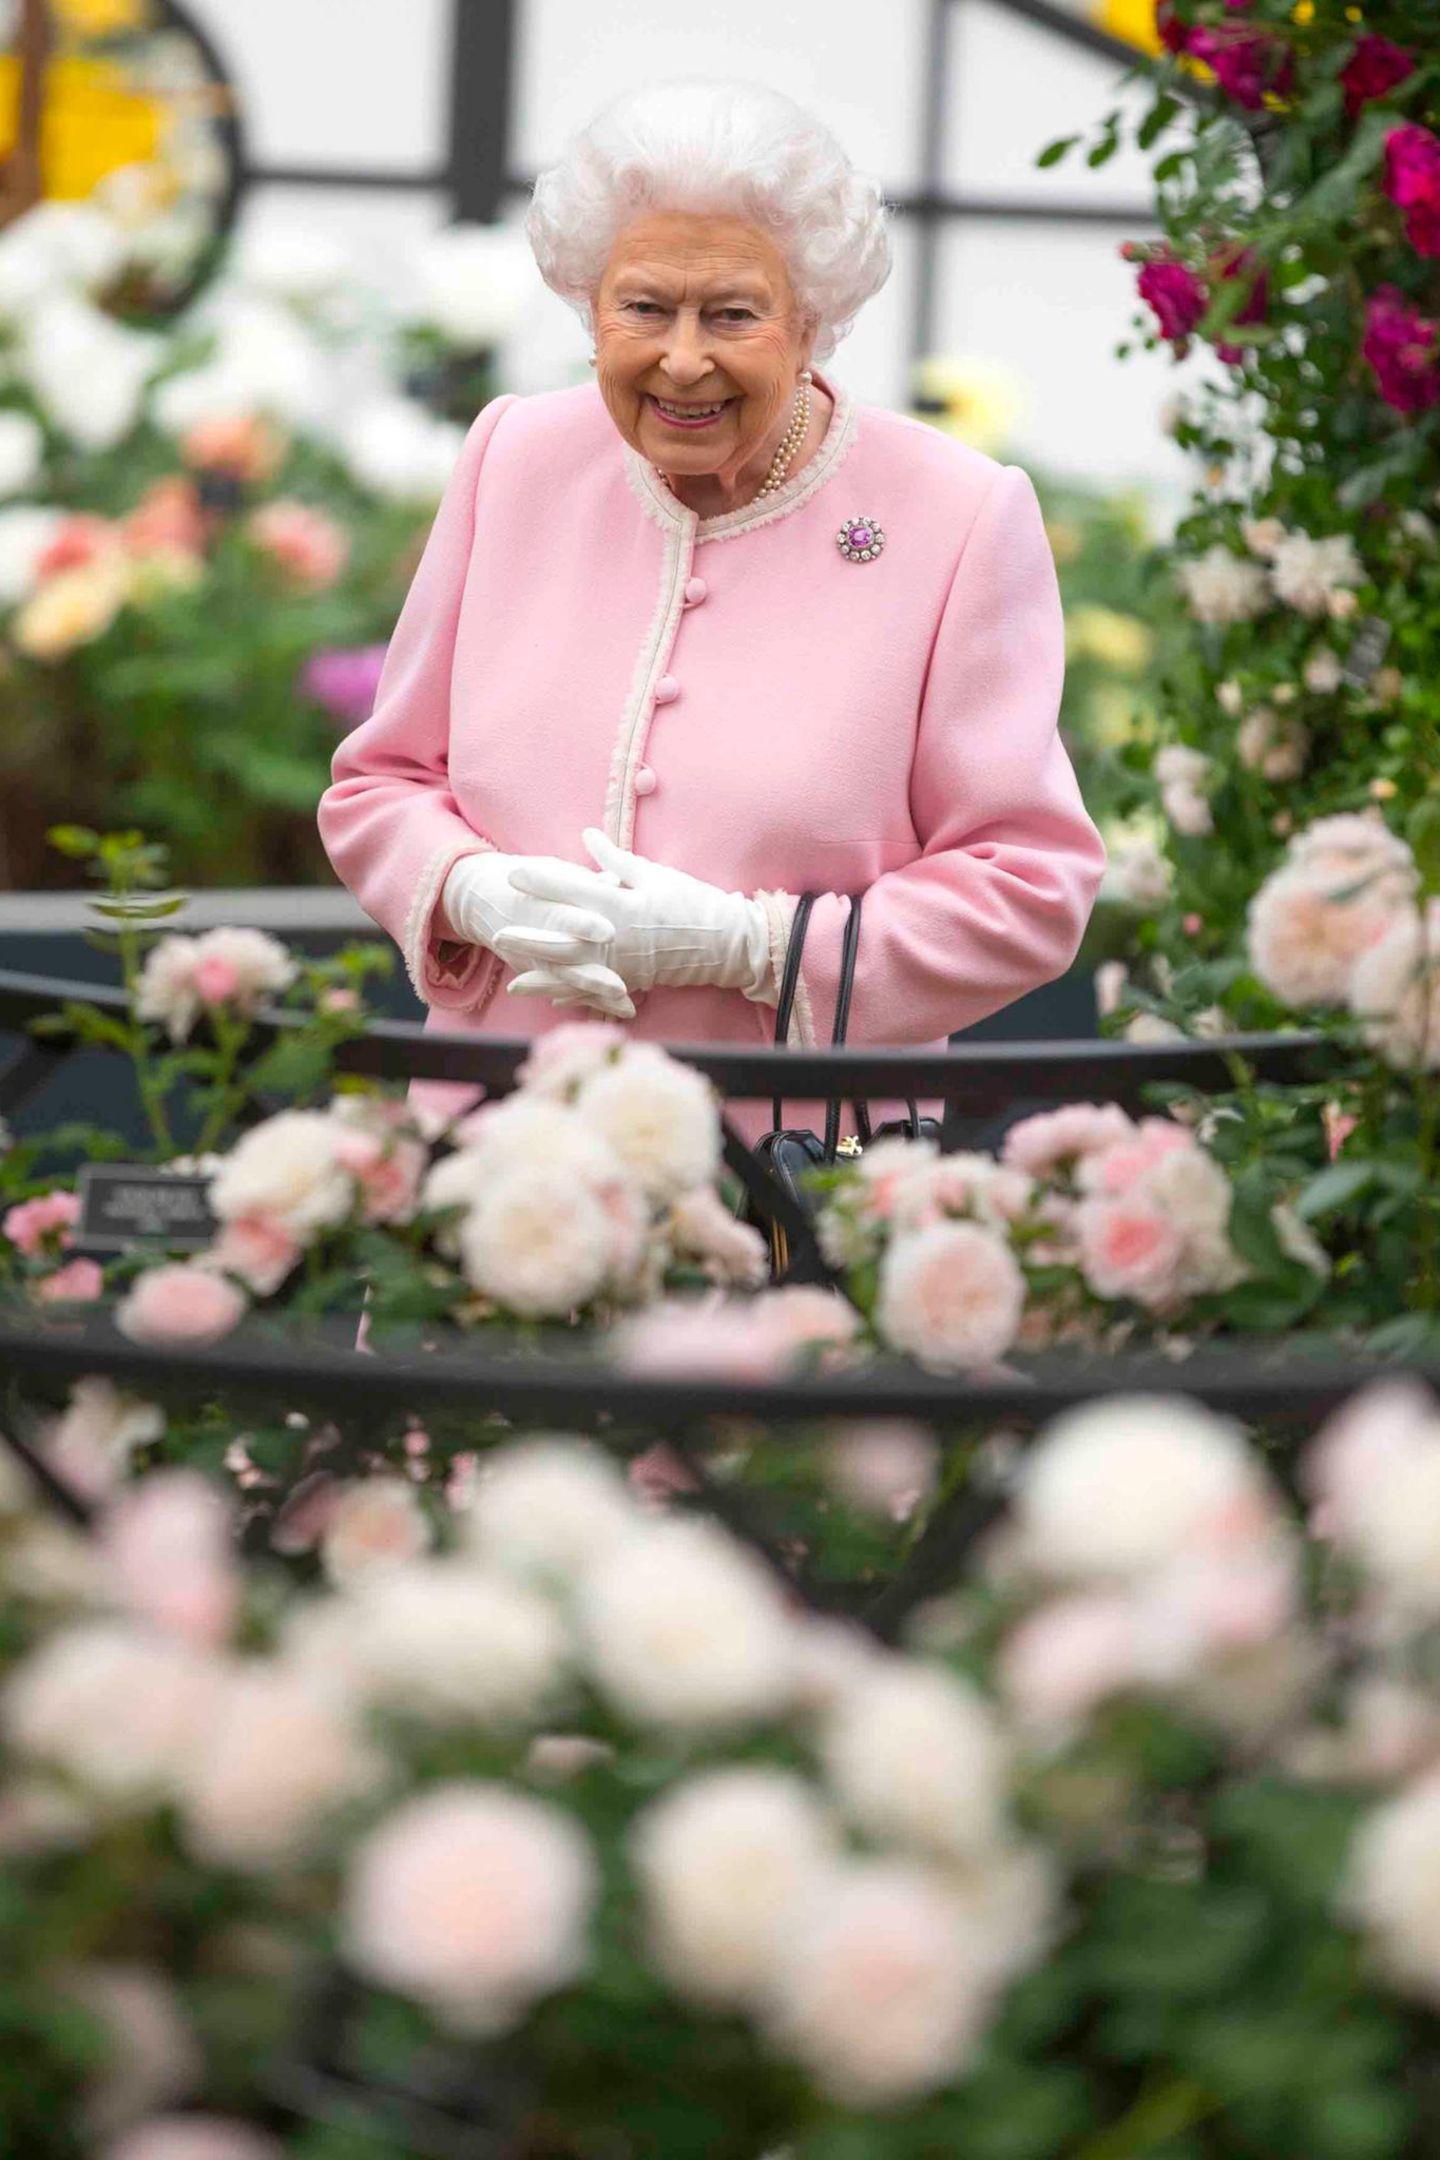 22. Mai 2018  Als wenn sich die Gärtner mit Queen Elizabeths Stylist abgestimmt haben, erscheint die Monarchin in einer zu den Rosenblüten passenden Farbe zur alljährlichen Chelsea Flower Schau. Wie immer hat sie ihre Familie im Schlepptau, die sich - wie jedes Jahr - die Ausstellung nicht entgehen lassen.